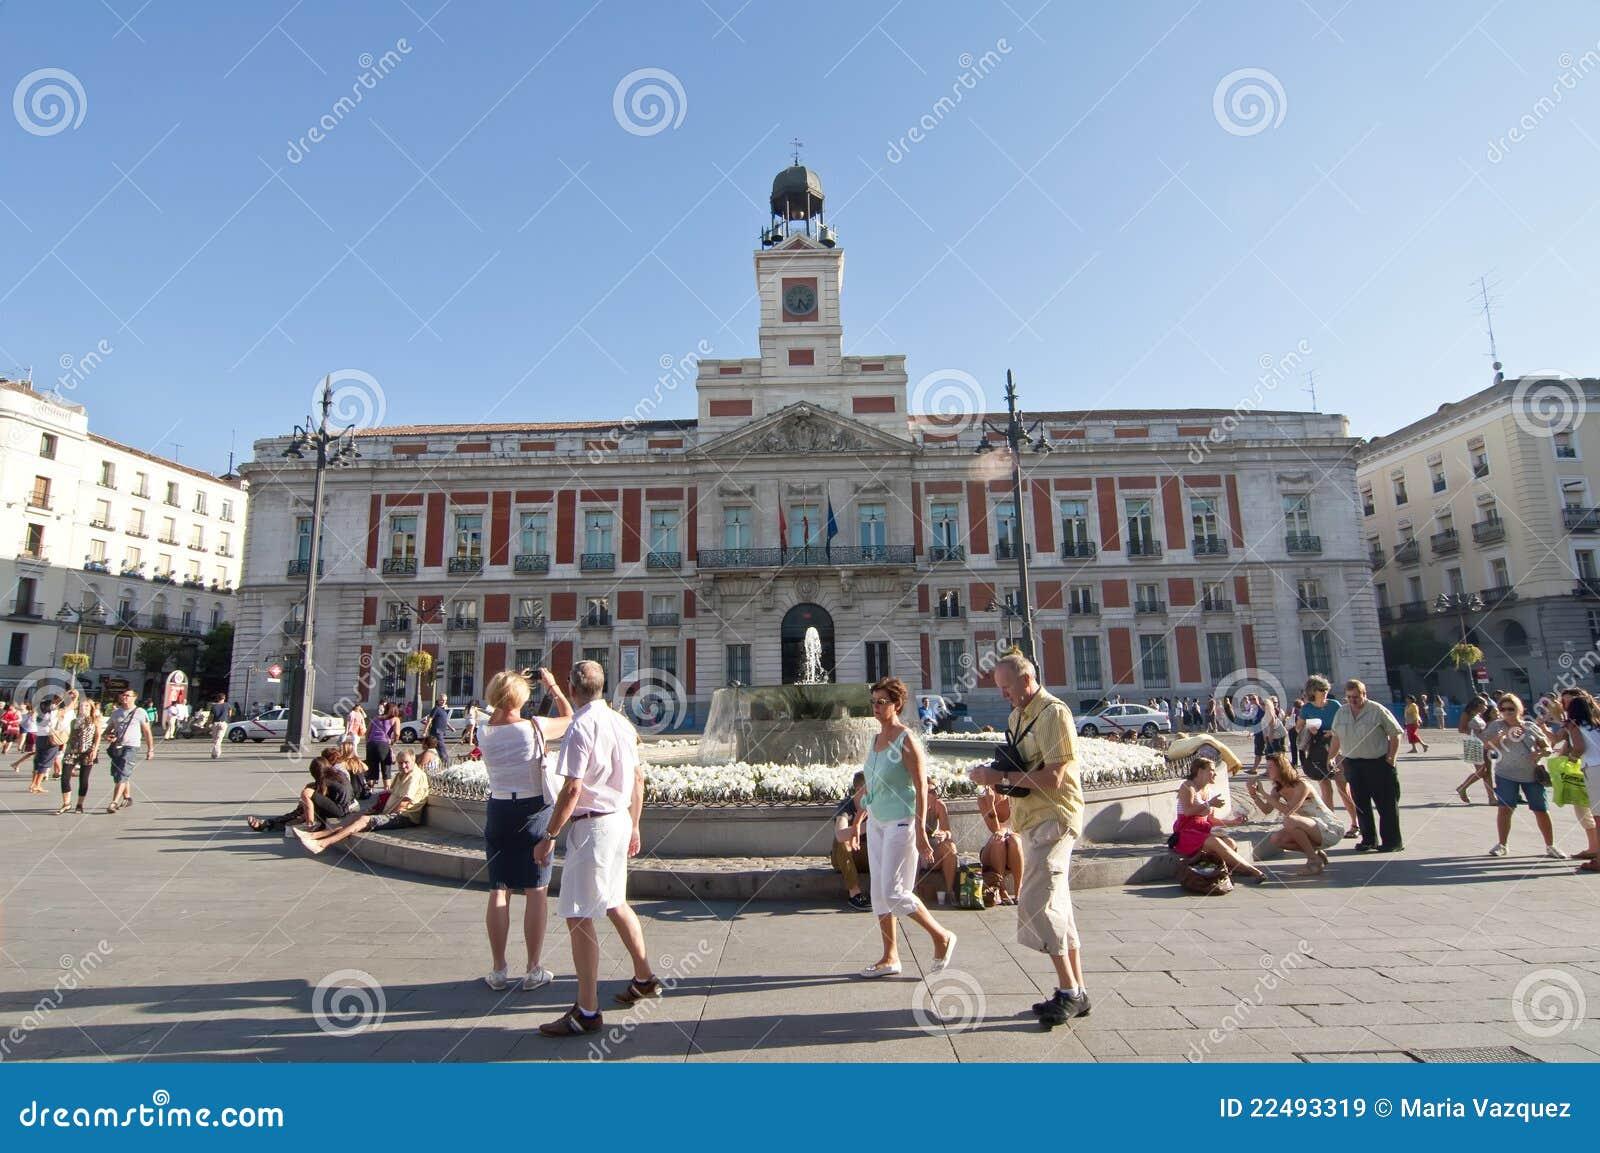 Plaza del sol en madrid espa a imagen de archivo for Que ver en sol madrid